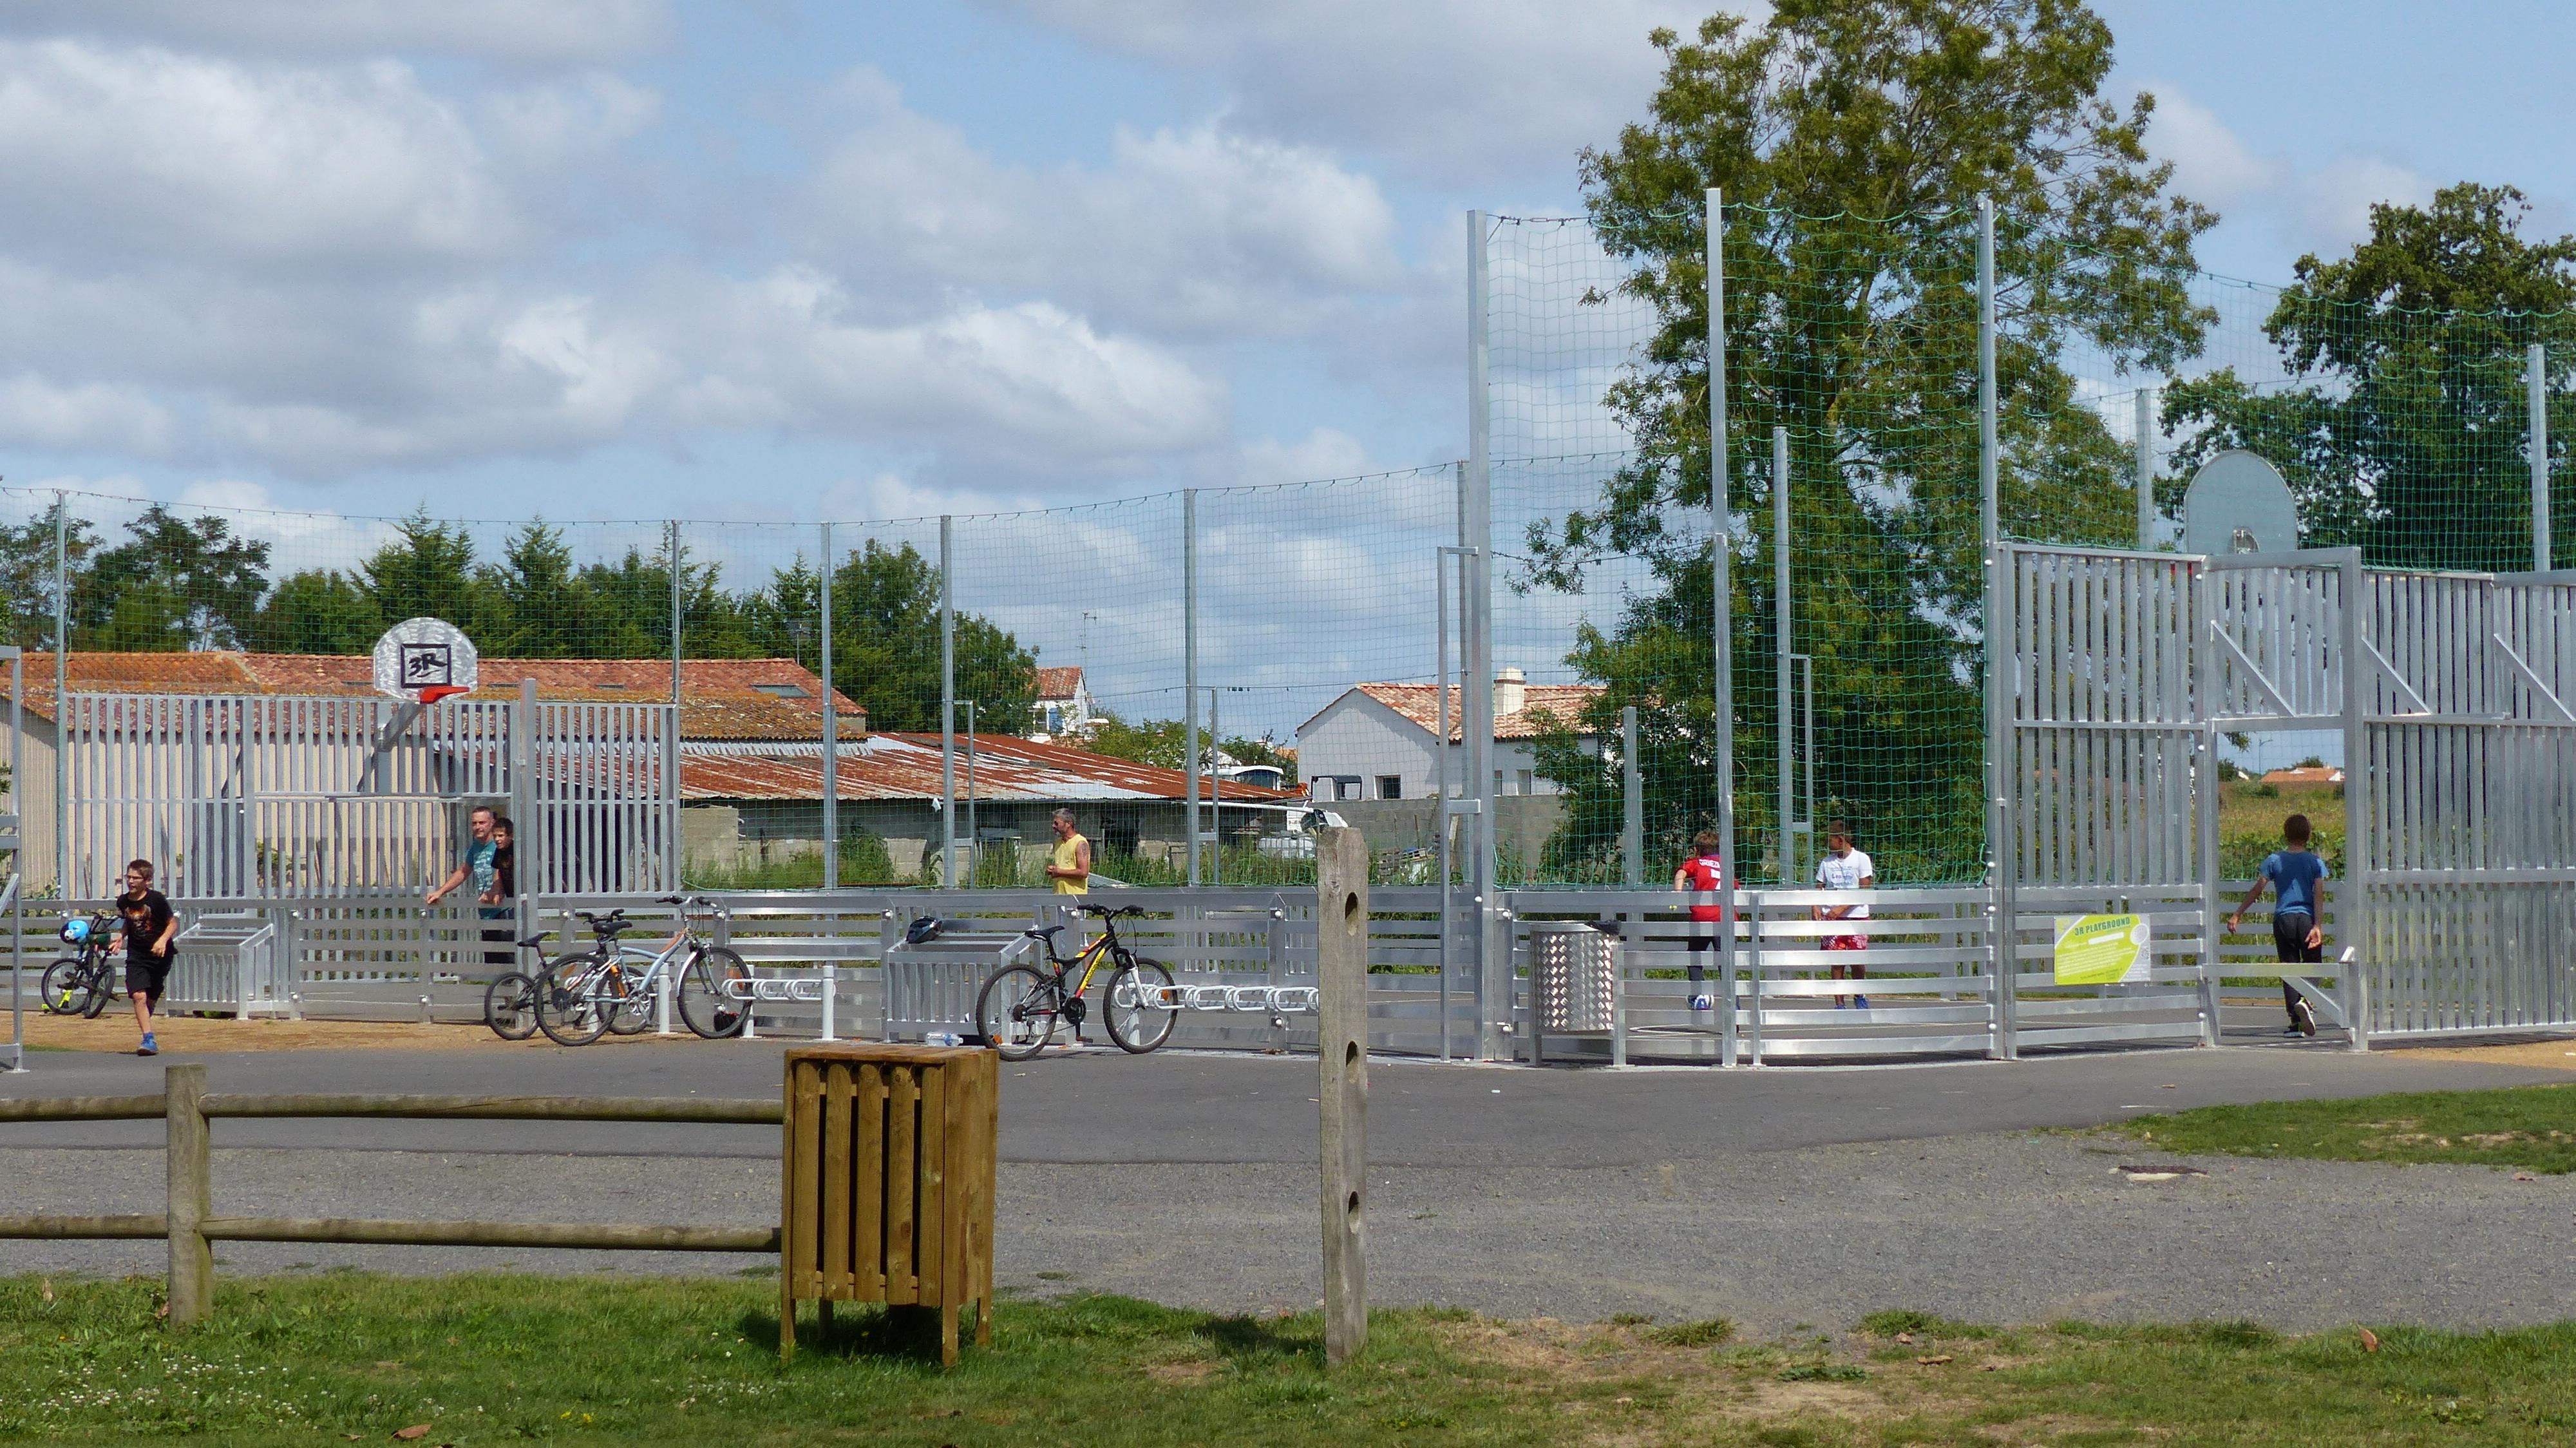 Le City Park